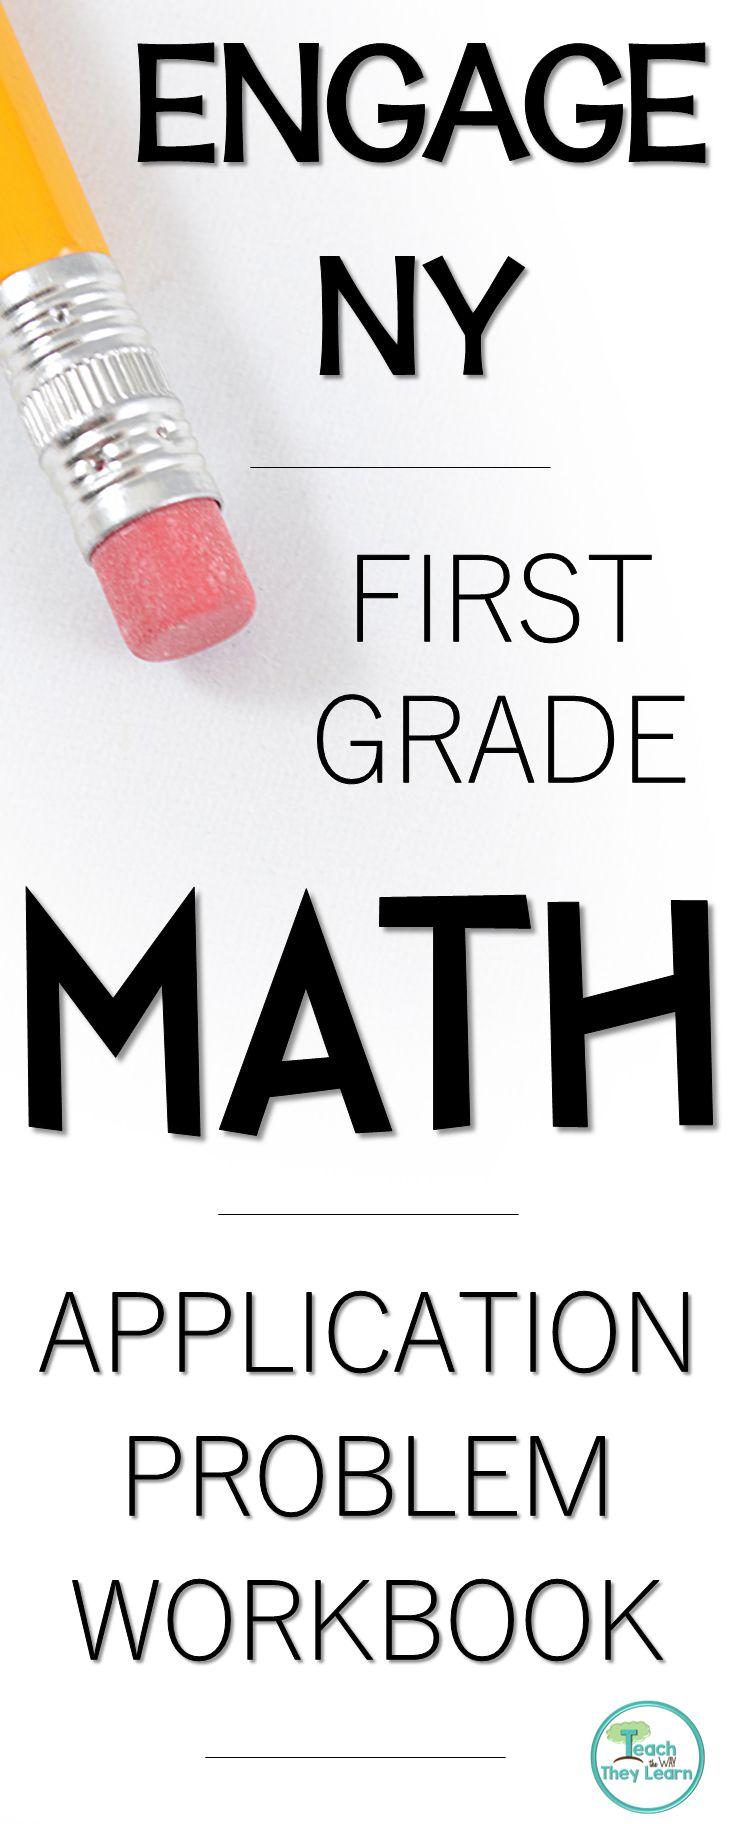 Workbooks 1st grade math workbooks : 386 best 1st Grade Engage NY Math images on Pinterest | Engage ny ...